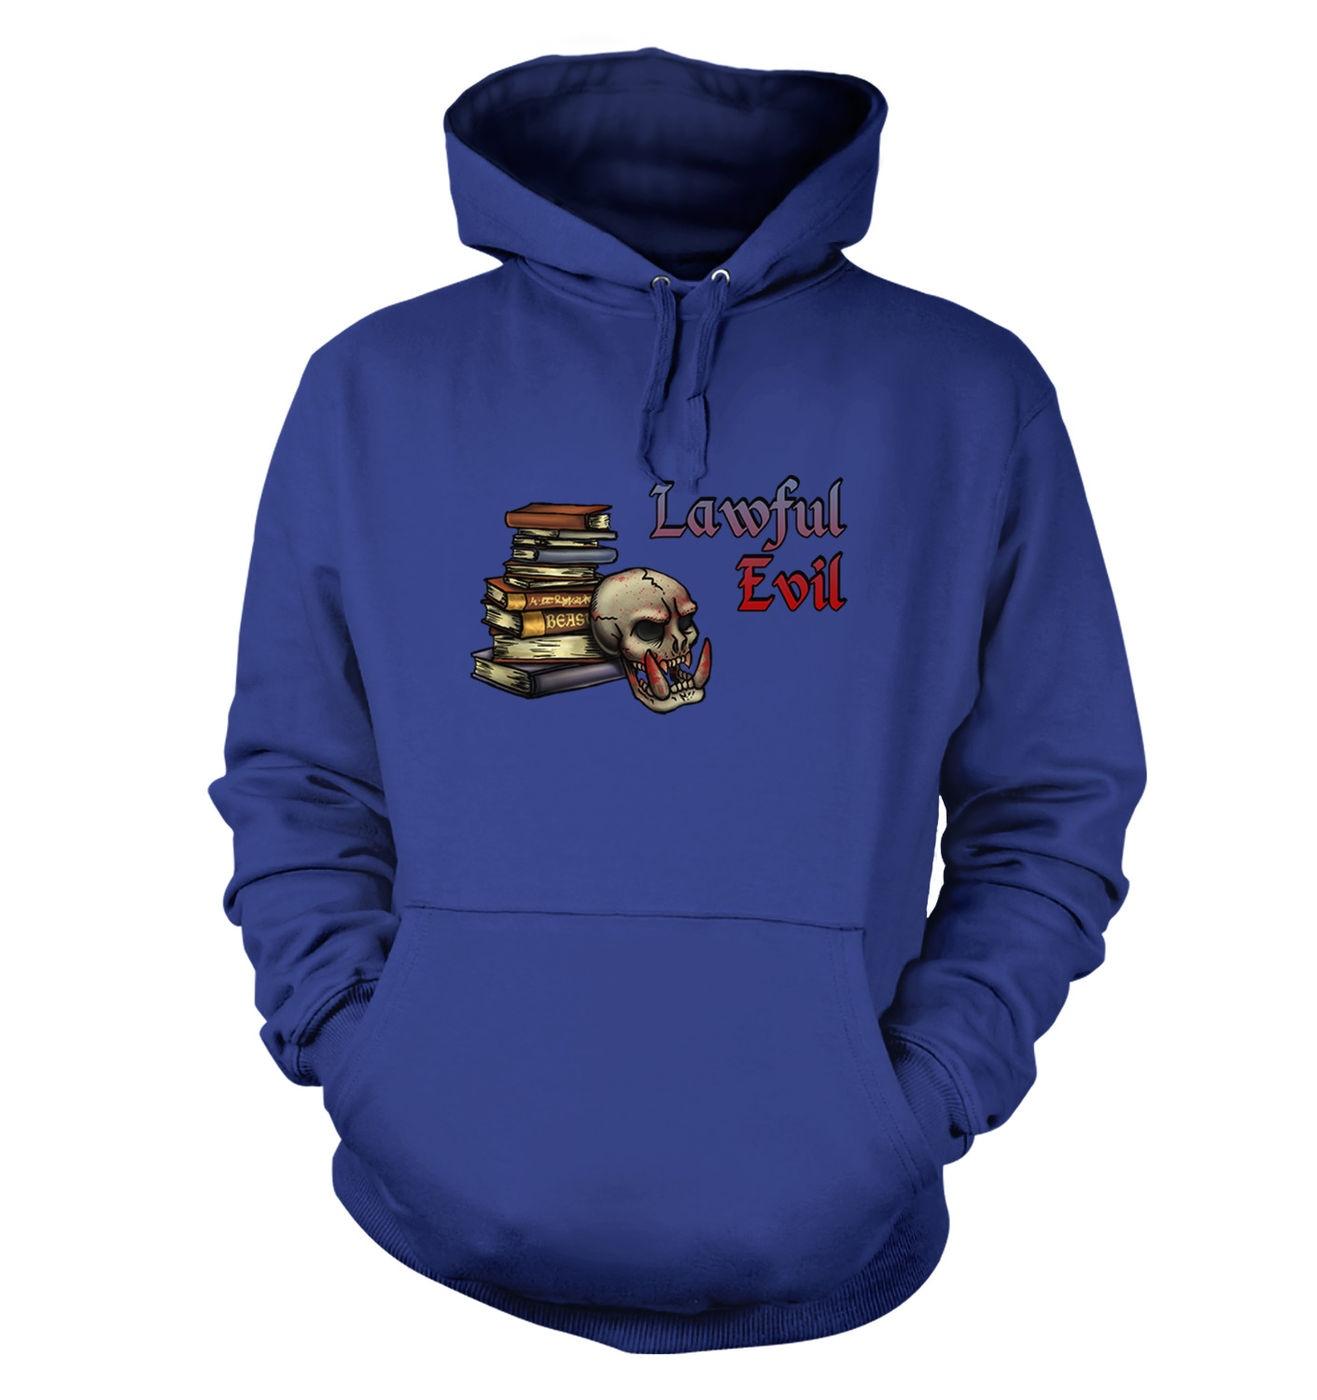 Cartoon Alignment Evil hoodie - gaming hoodies